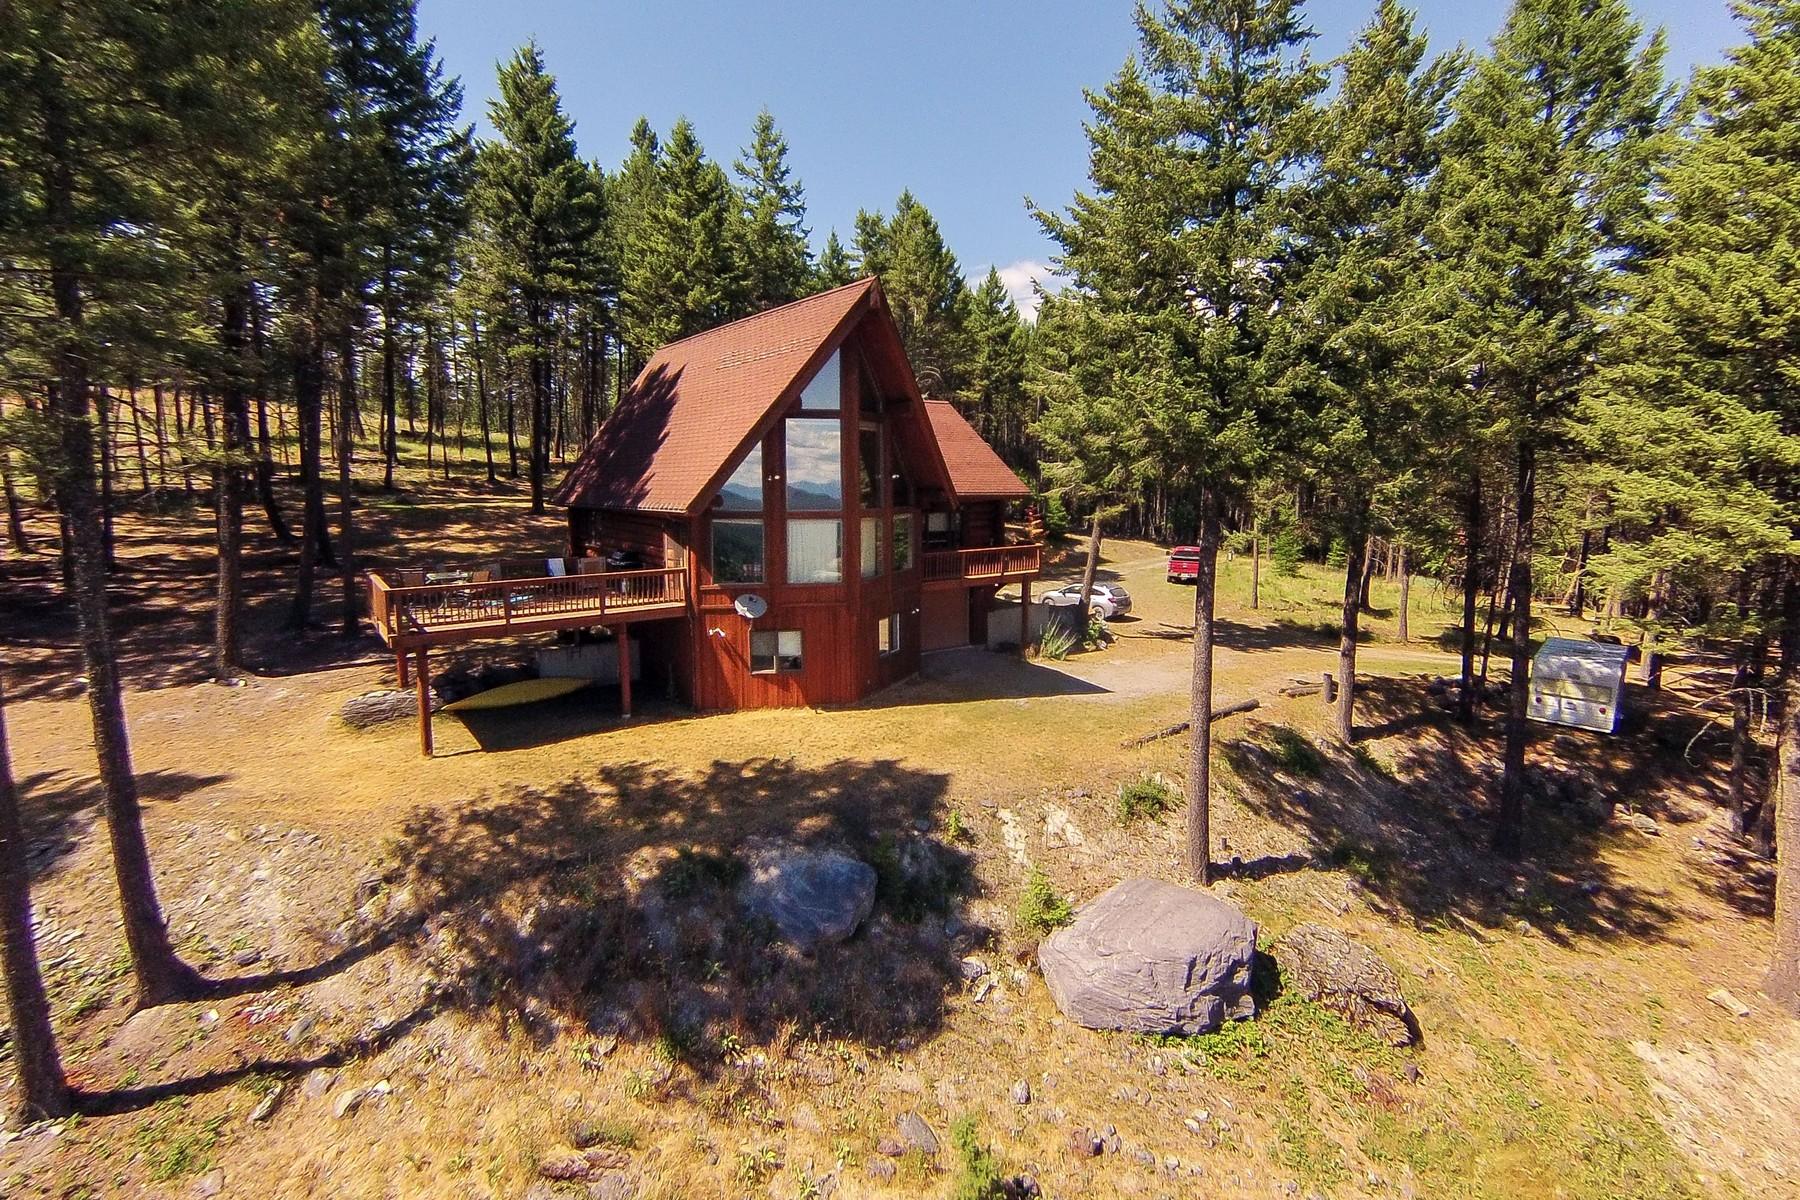 Casa Unifamiliar por un Venta en Top of The World Log Getaway 1138 Swan Hill Drive Bigfork, Montana 59911 Estados Unidos